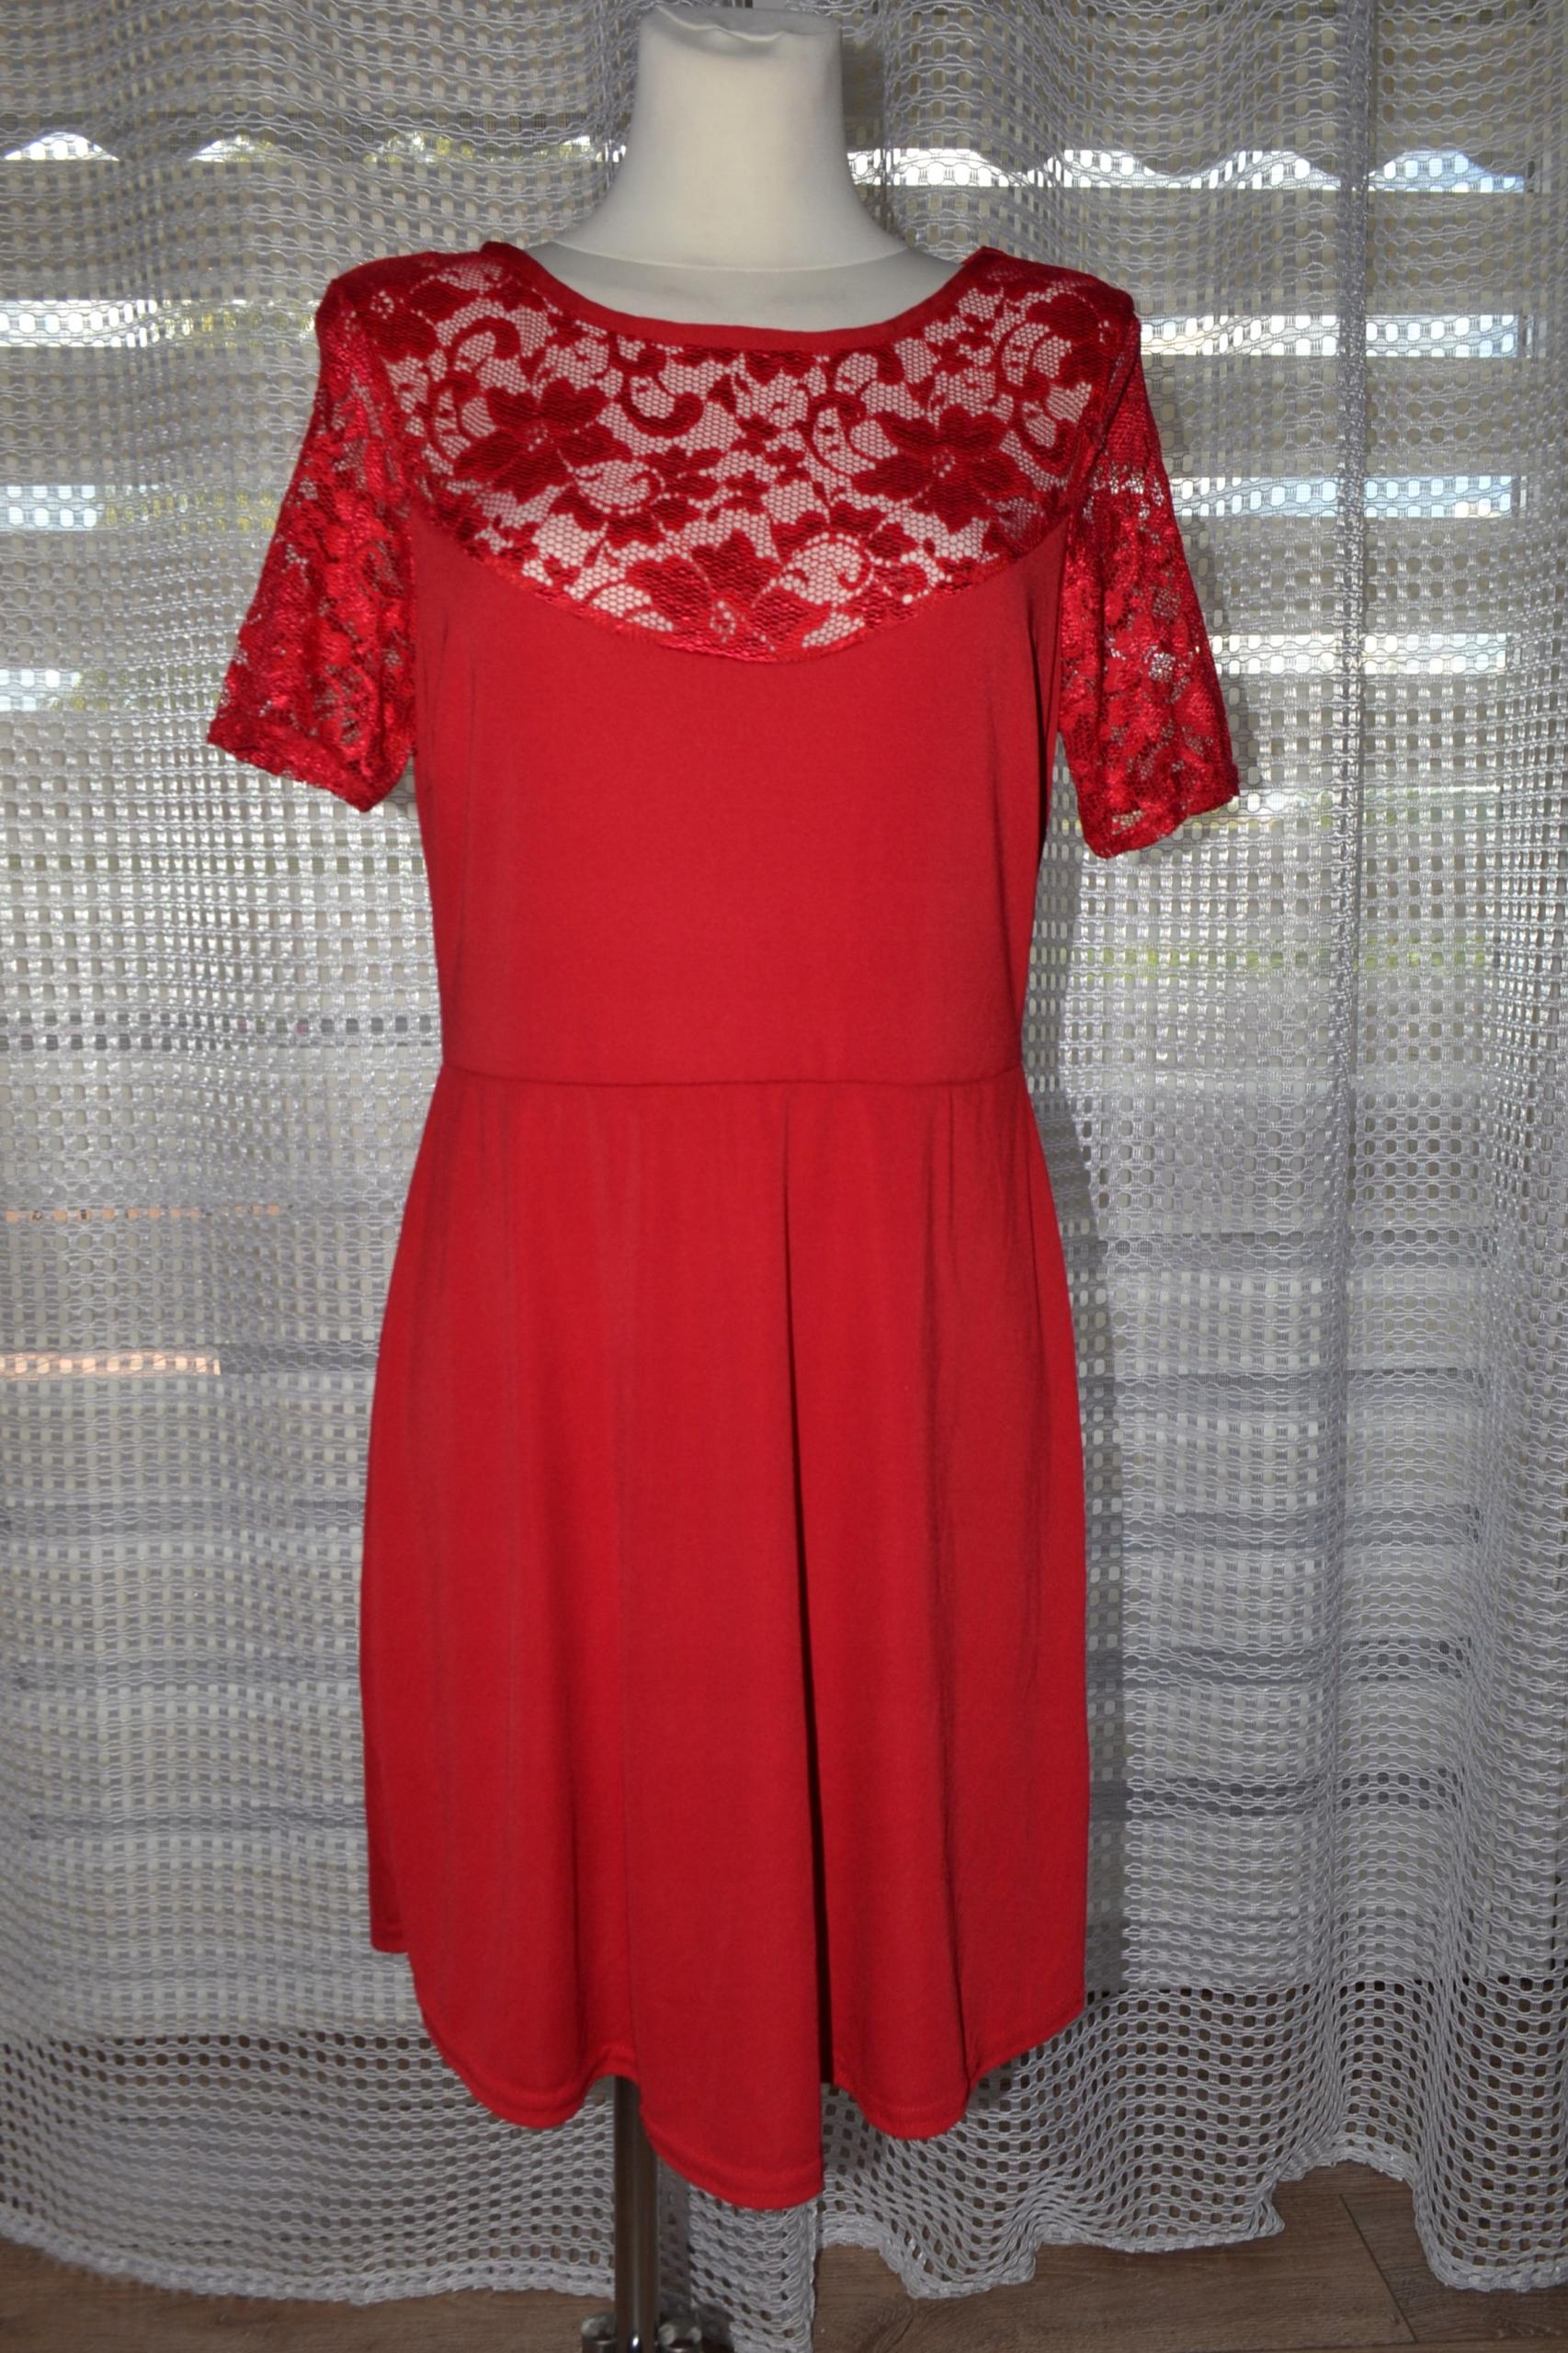 52ef75e9441585 MISS FACELESS śliczna czerwona sukienka 44/46 - 7448883645 ...